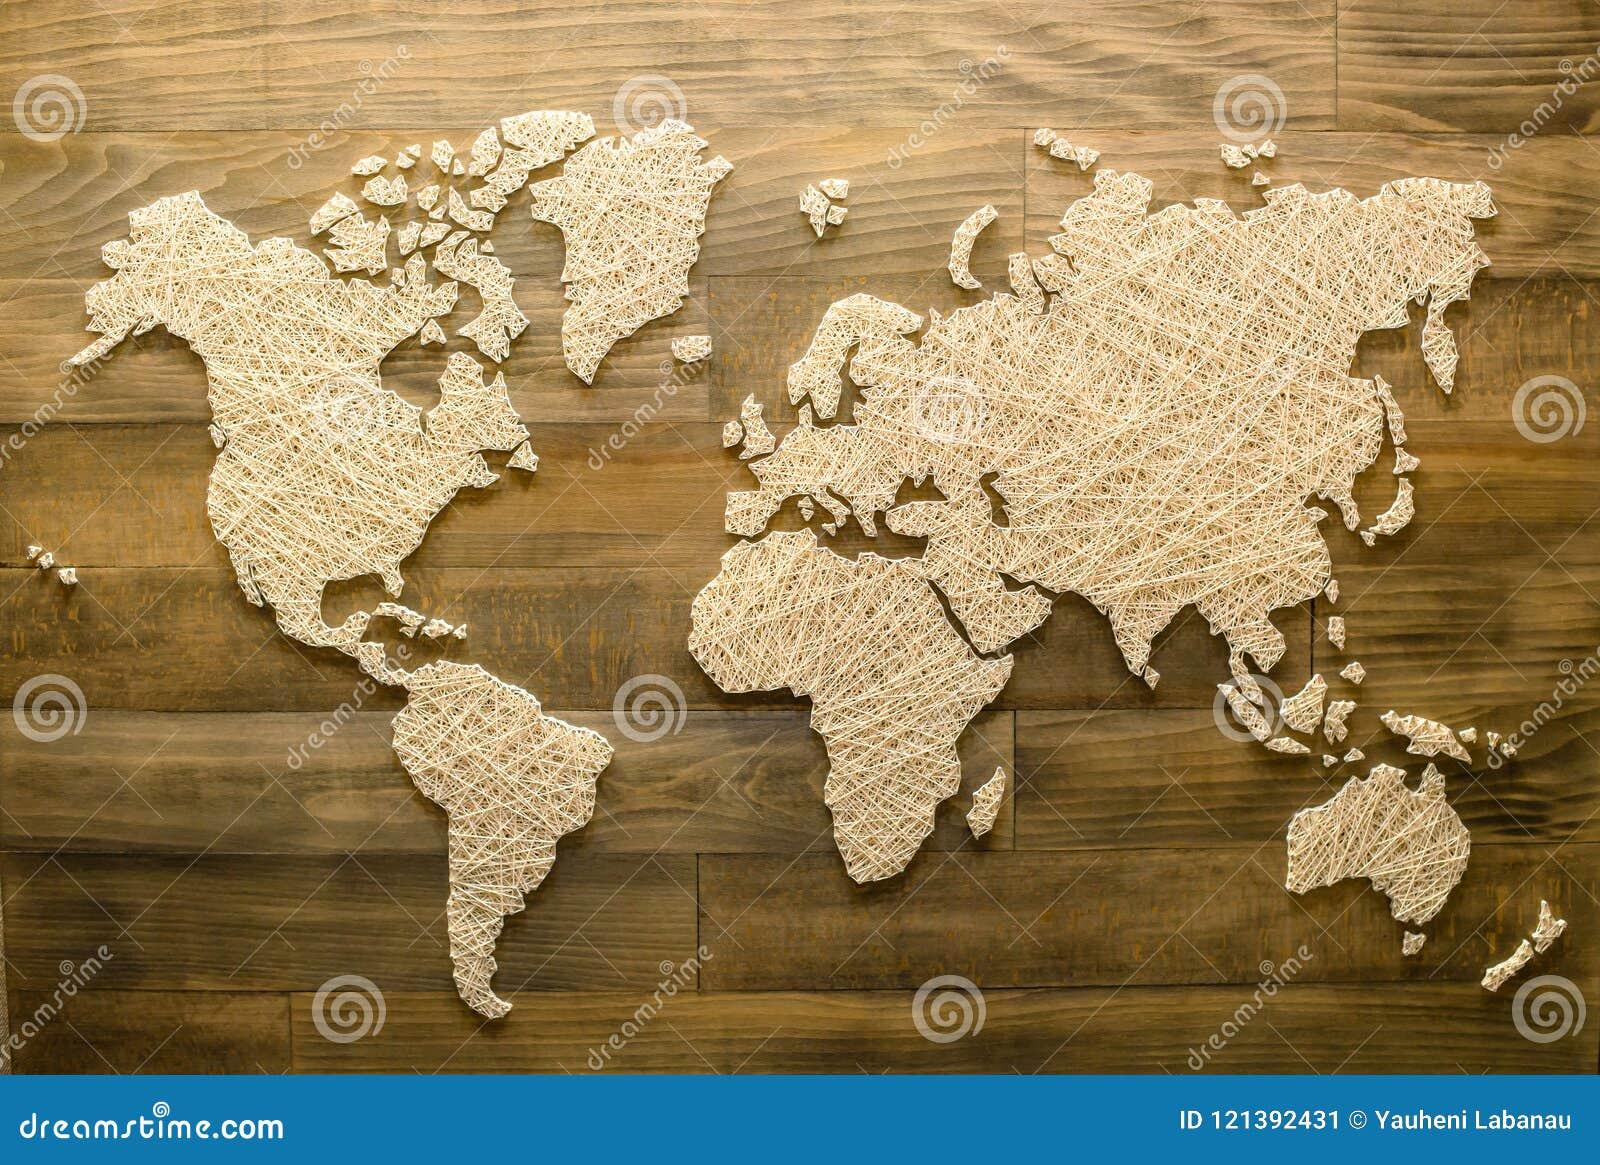 Met de hand gemaakte wereldkaart op houten achtergrond voor huisdecoratie, bovenkant